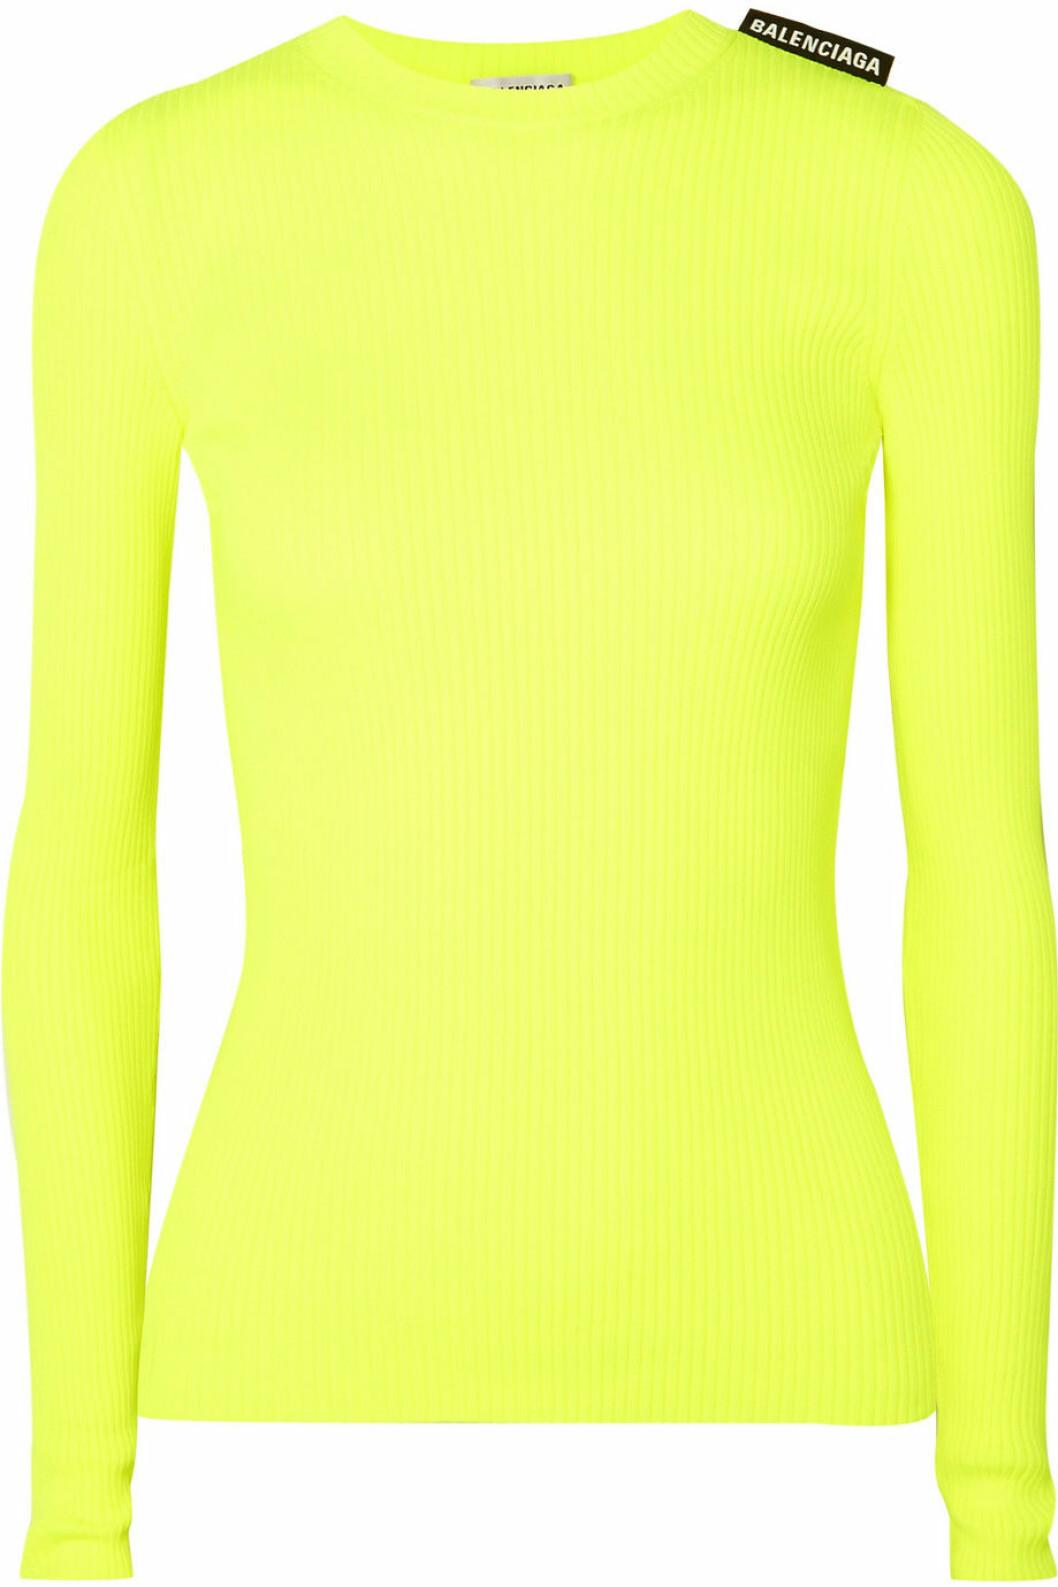 (Själv)lysande tröja i neongul från Balenciaga.